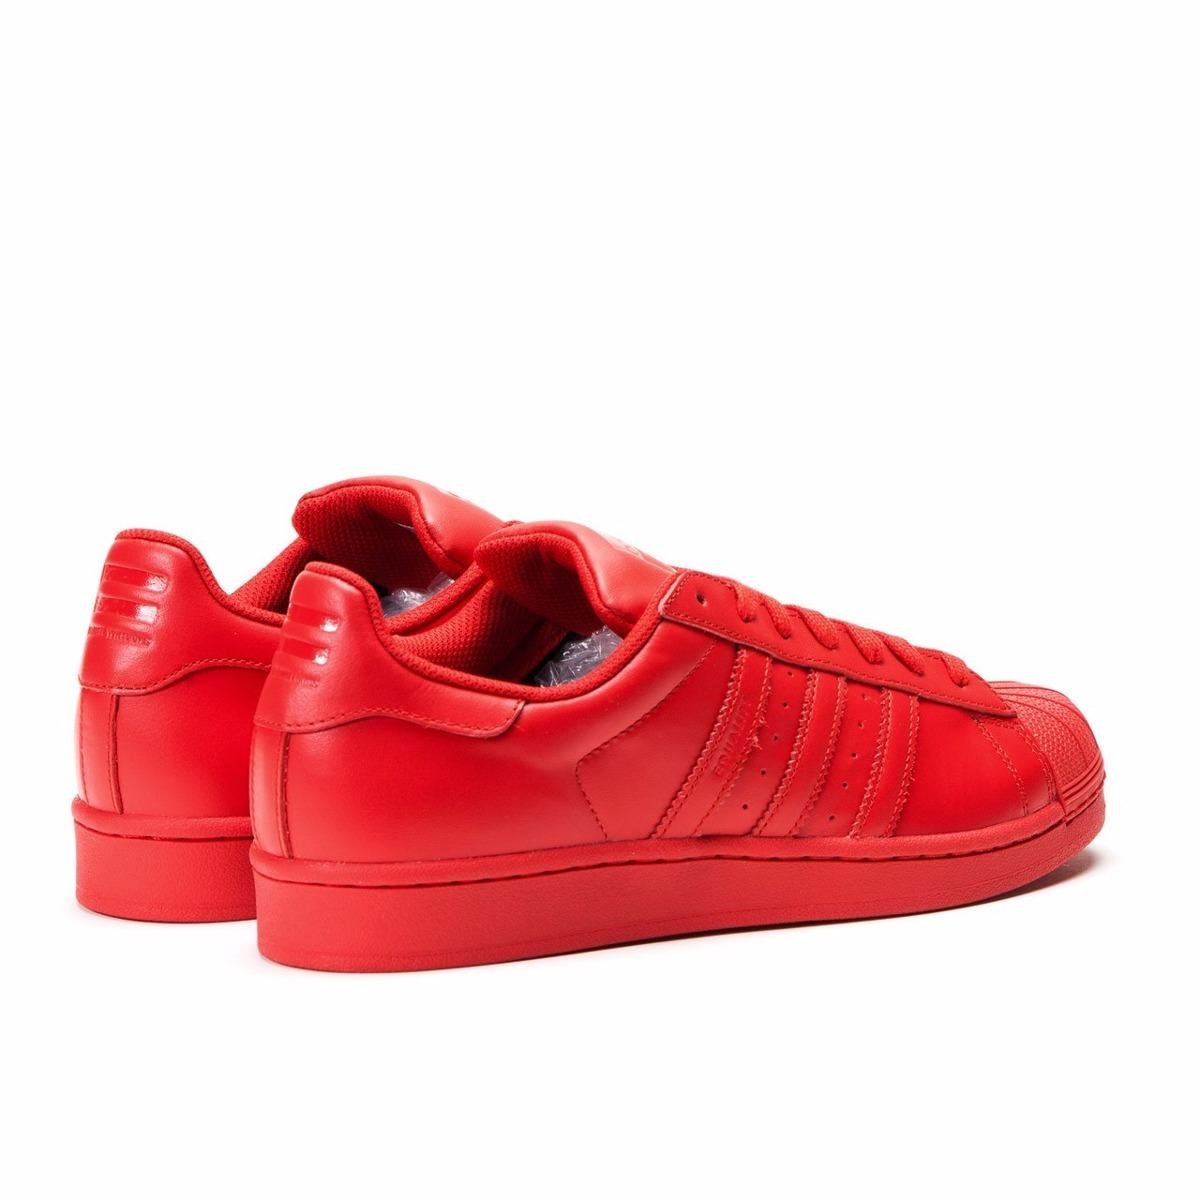 reputable site 382df e00b4 promo code for baratas fxfsh m6zfu6 mujeres zapatos hombre de adidas  originals superstar ii unisex azul naranja ef7a5 c186d  discount code for  adidas ...